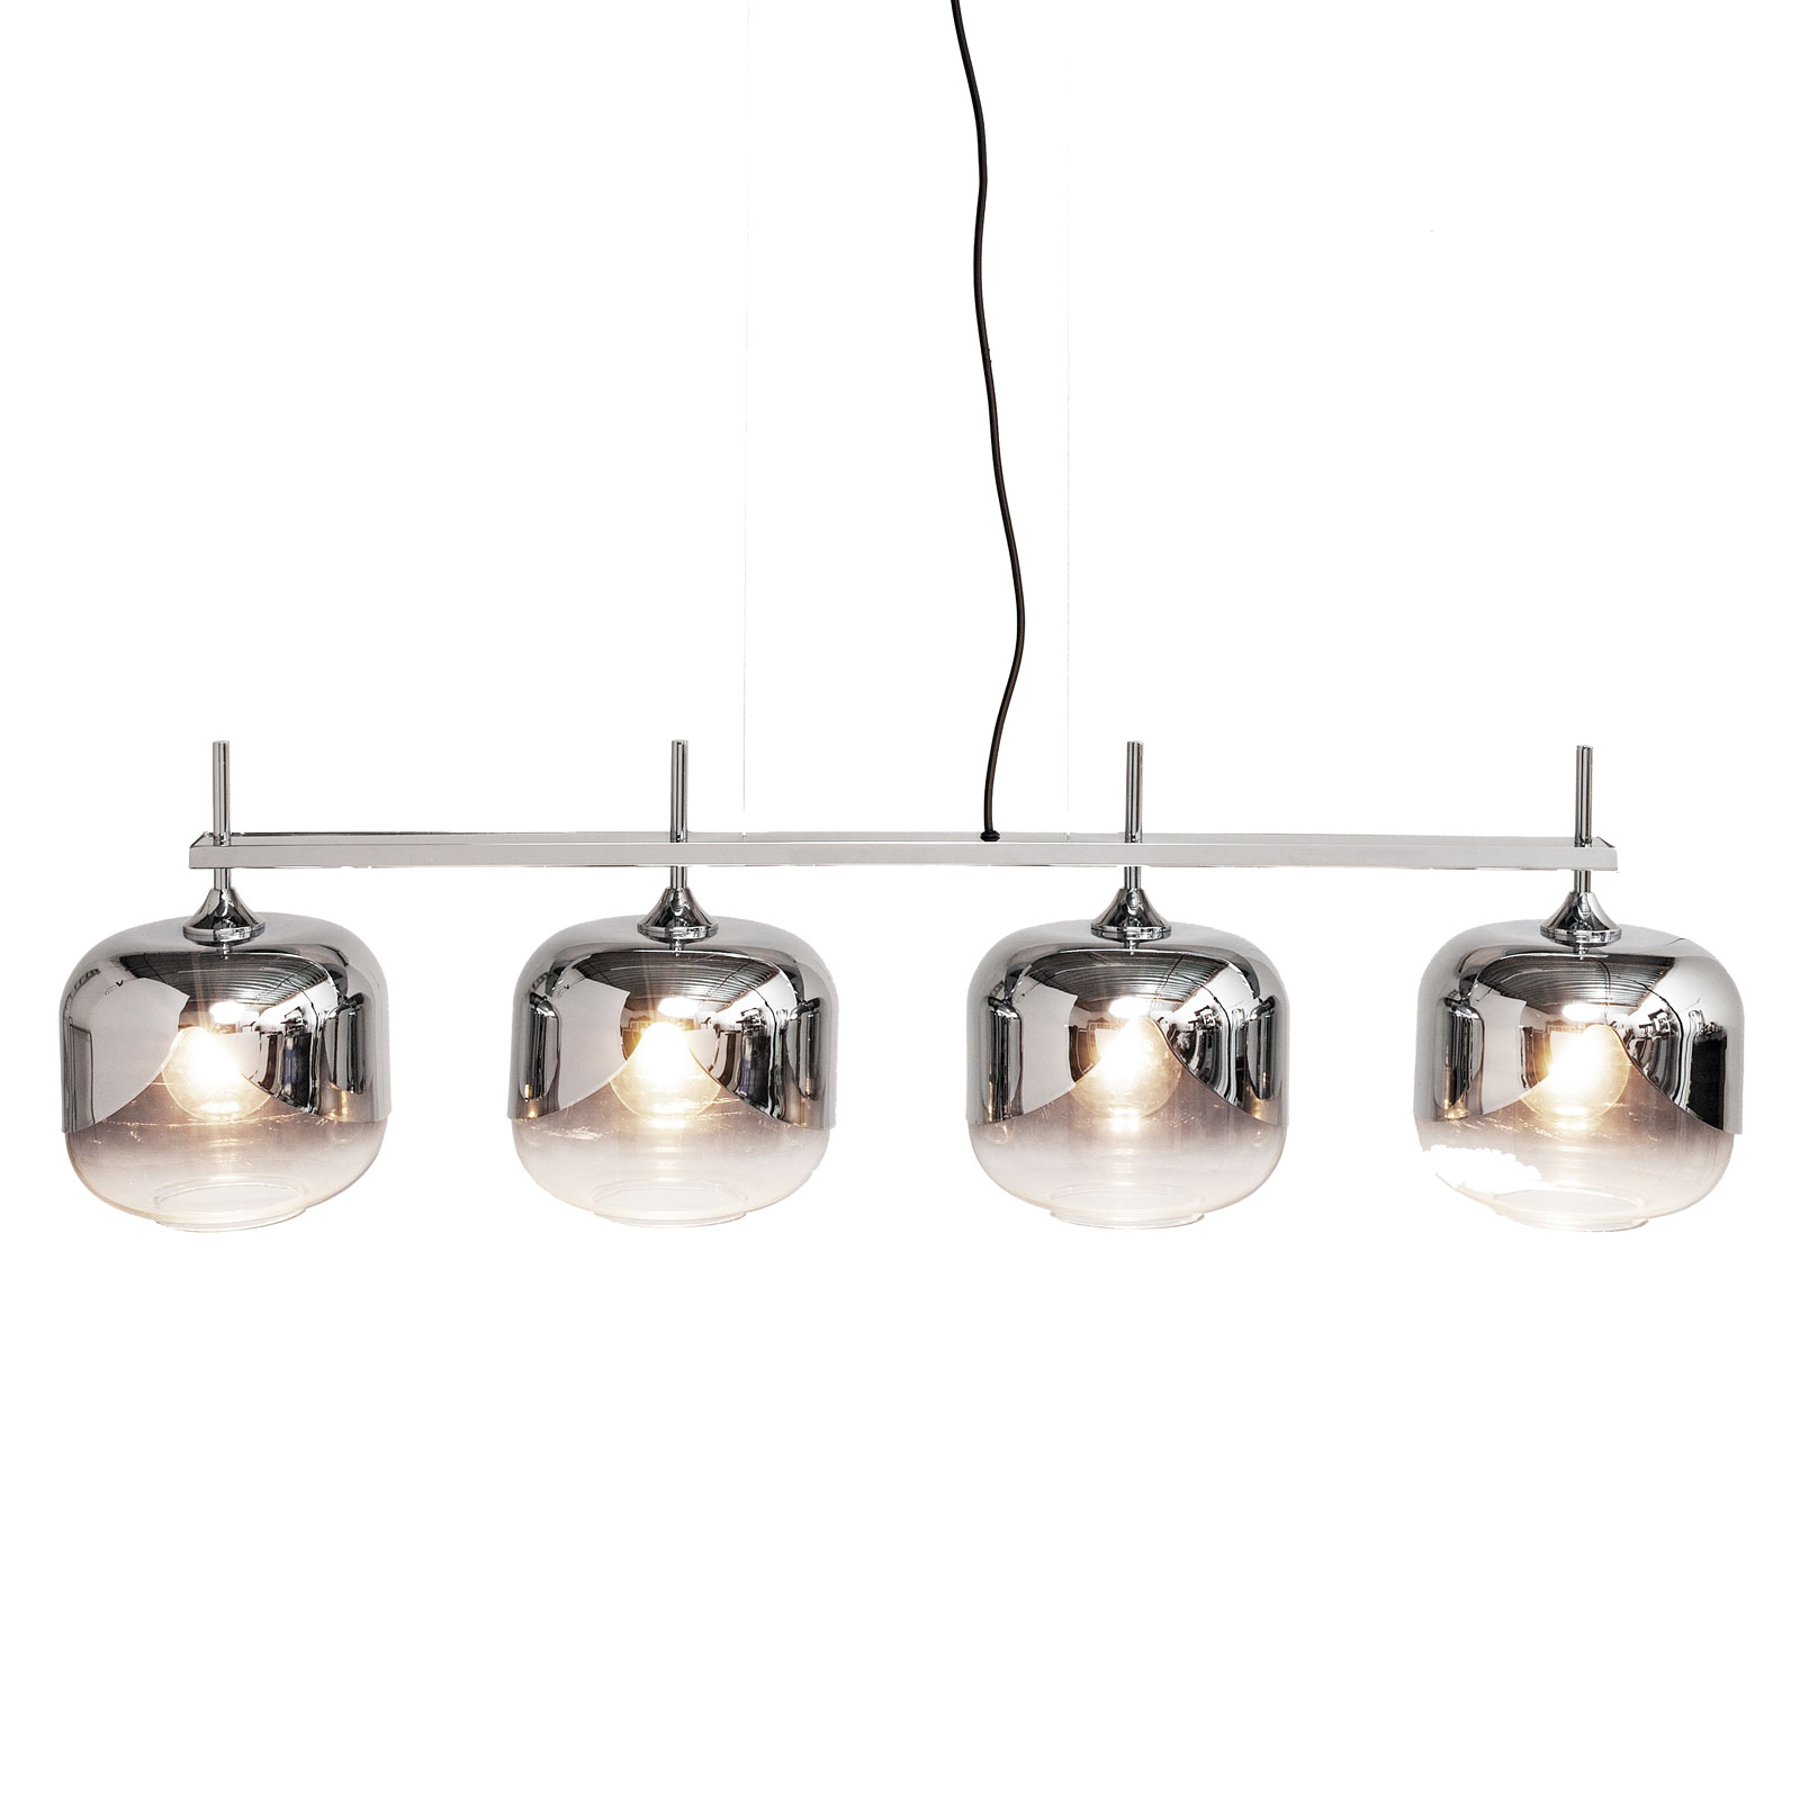 KARE Chroom Goblet Quattro hanglamp, 4-lamps